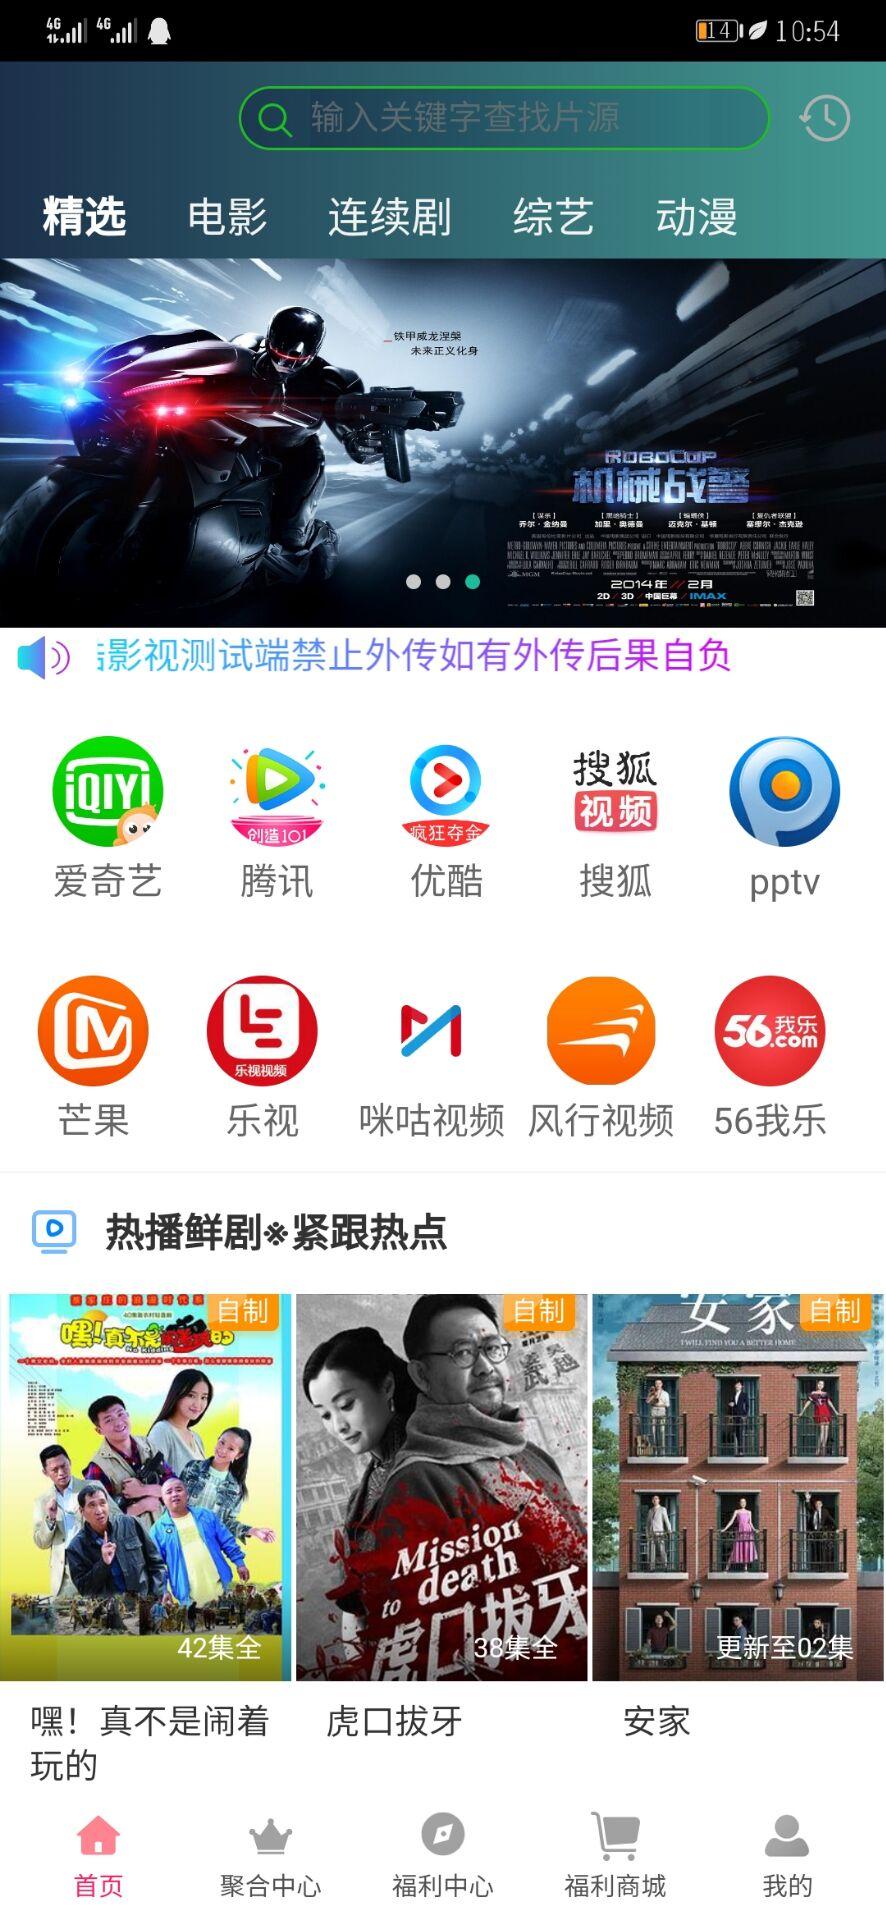 爱蜗影视(V9.3开源)千月对接苹果cms app源码,影视站app源码